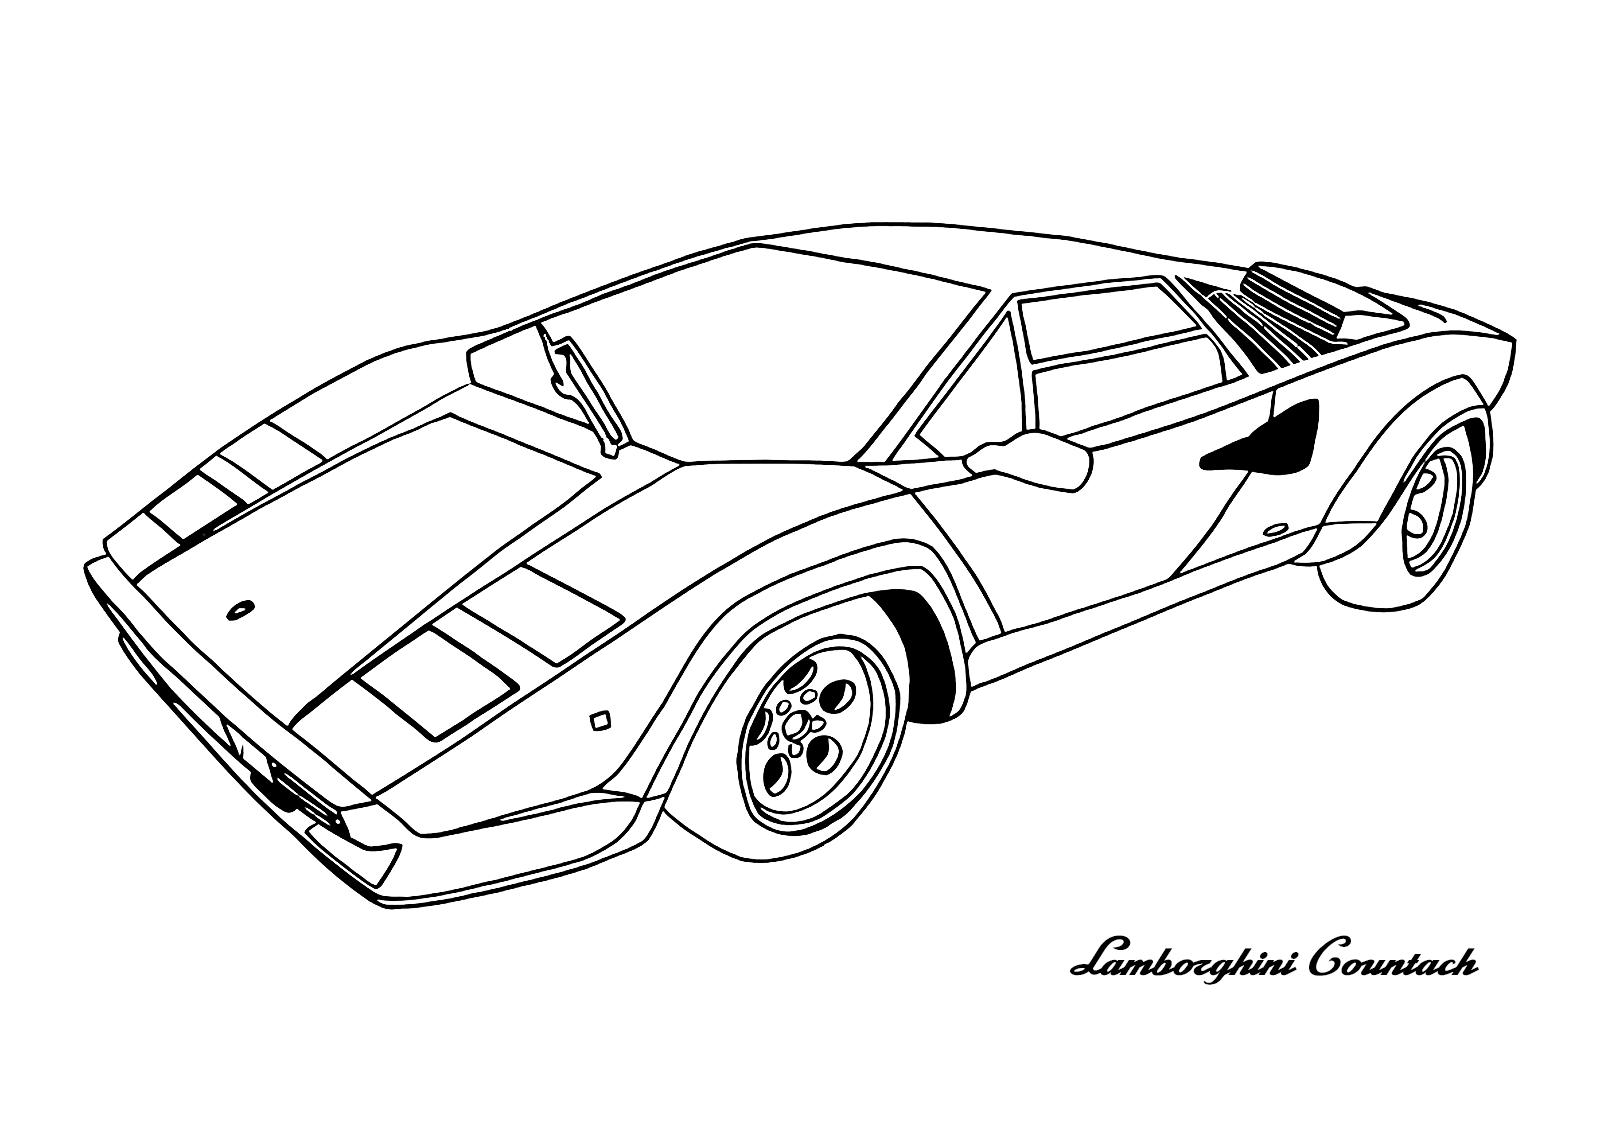 Unique Lamborghini Coloring Pages to Print | Top Free ...